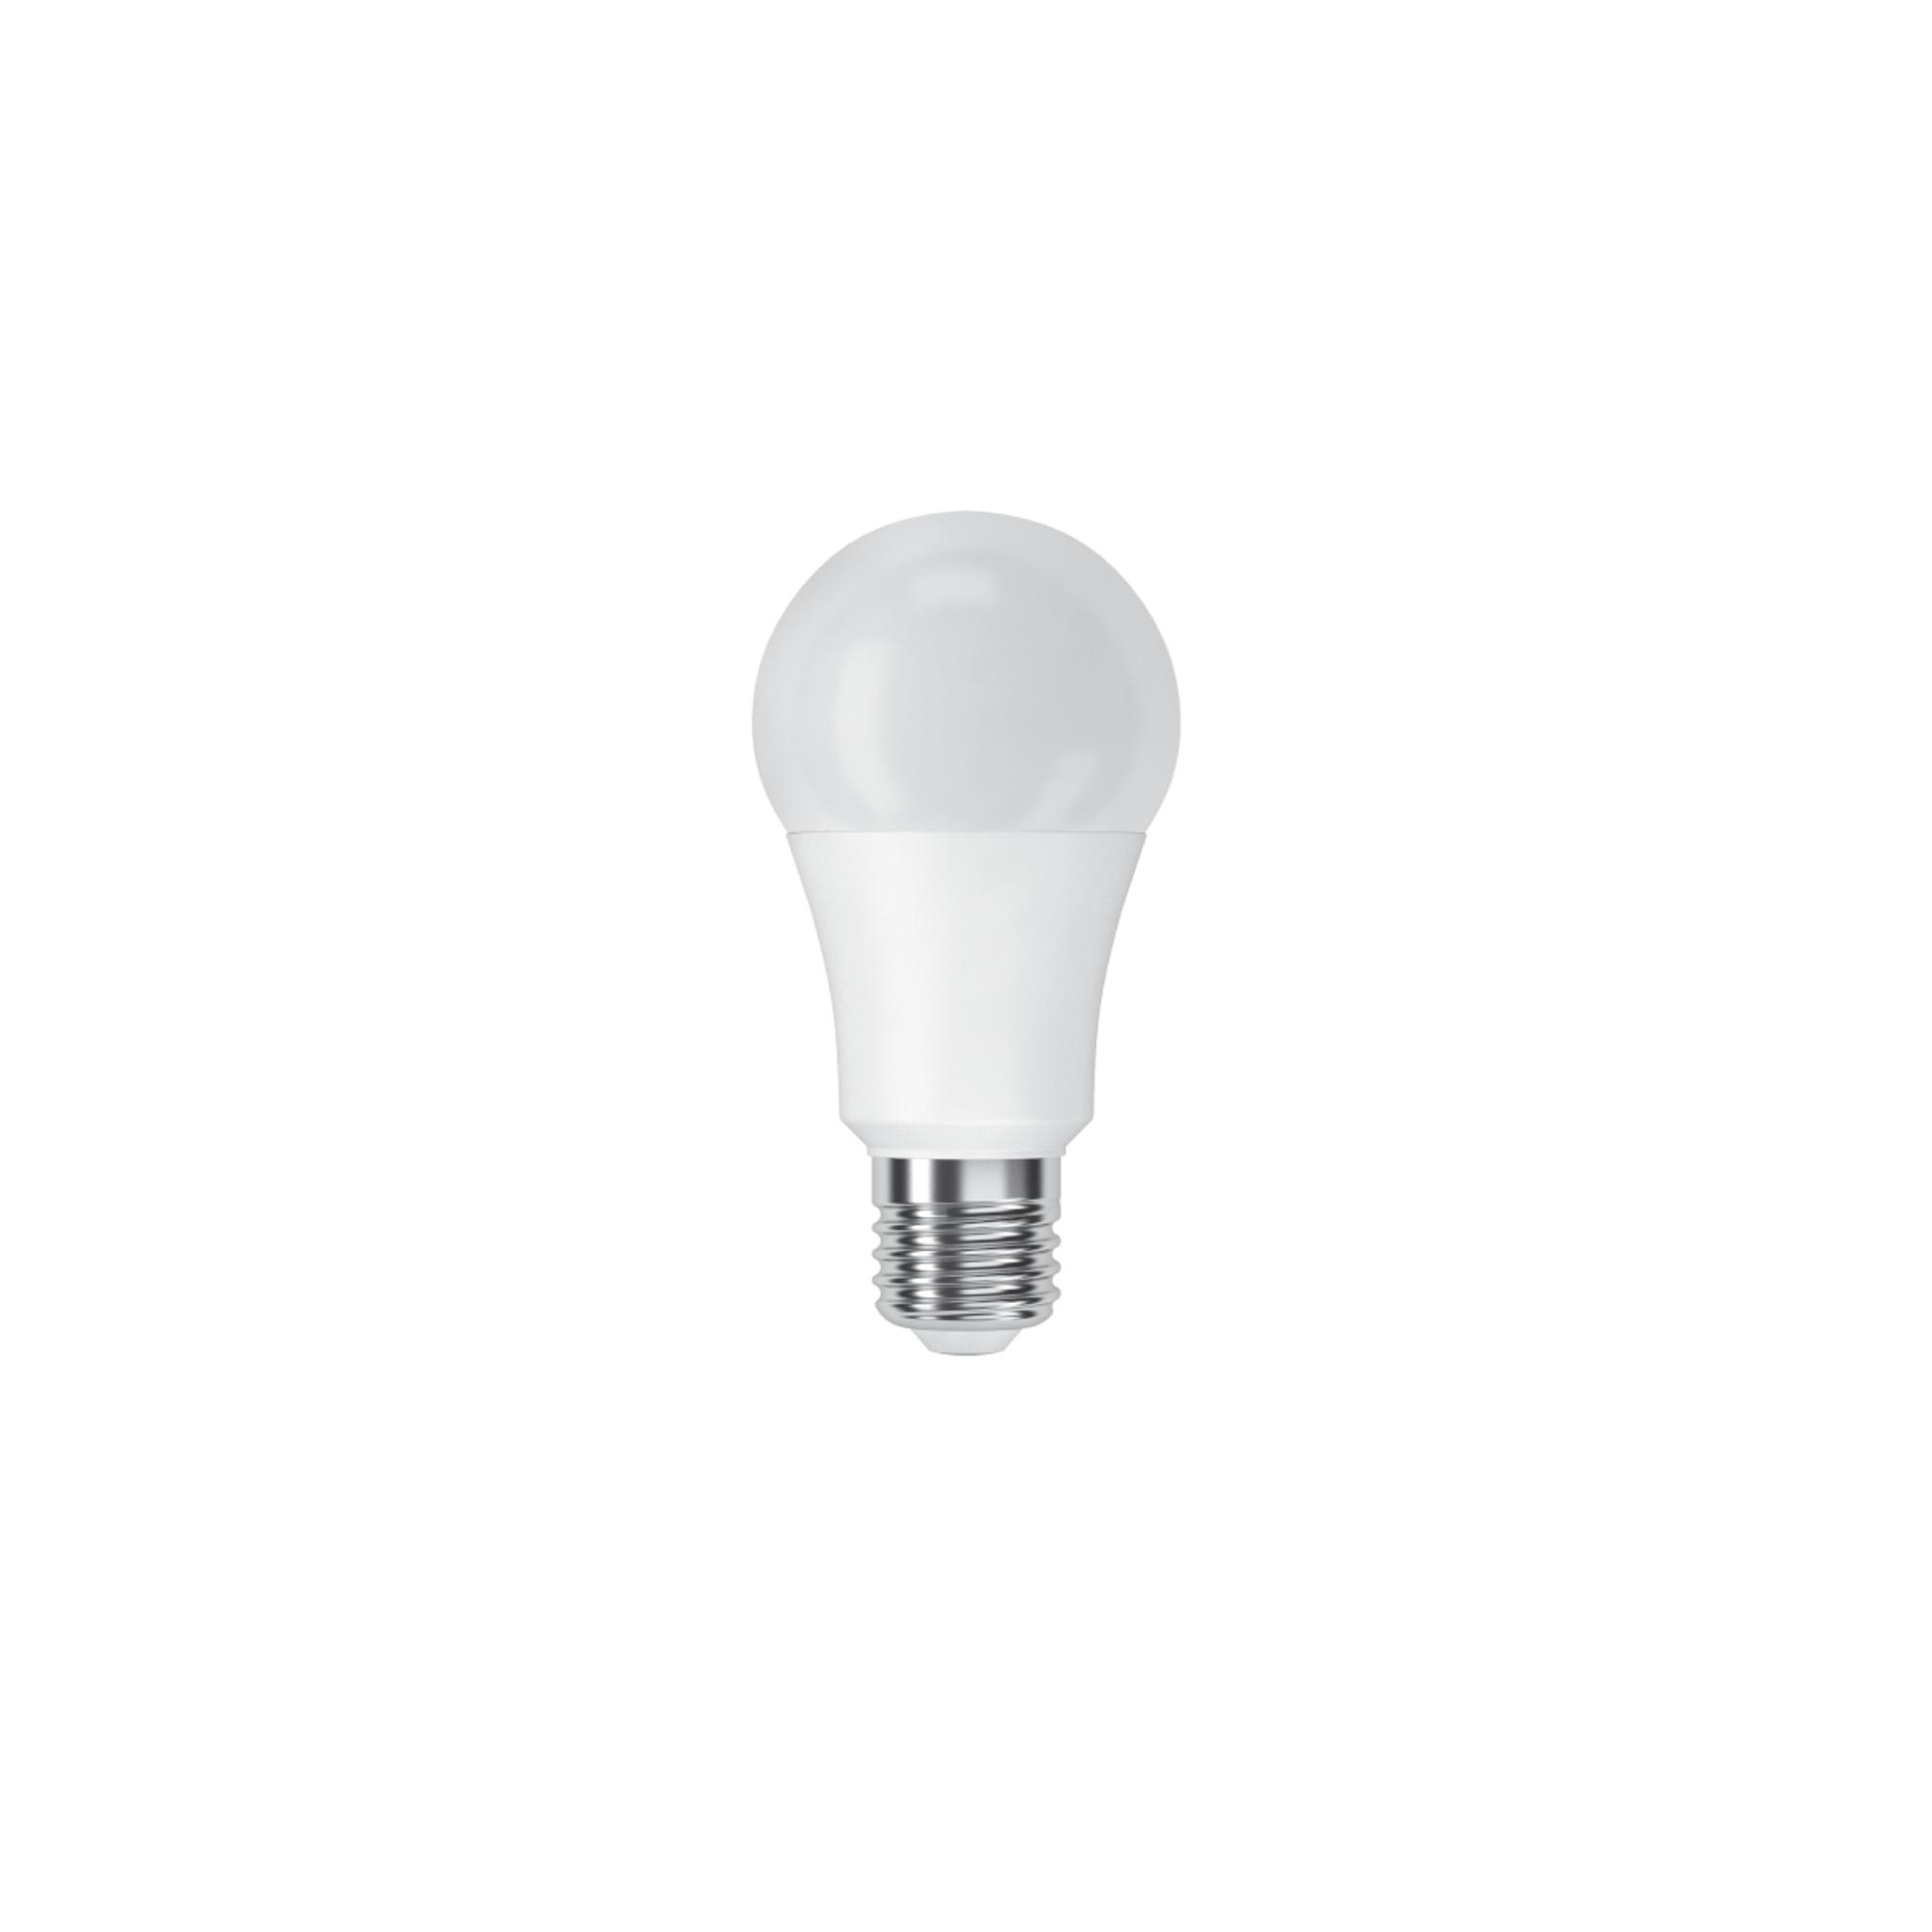 Светодиодная лампочка Фотон 22827 E27 1080 Лм 12 Вт